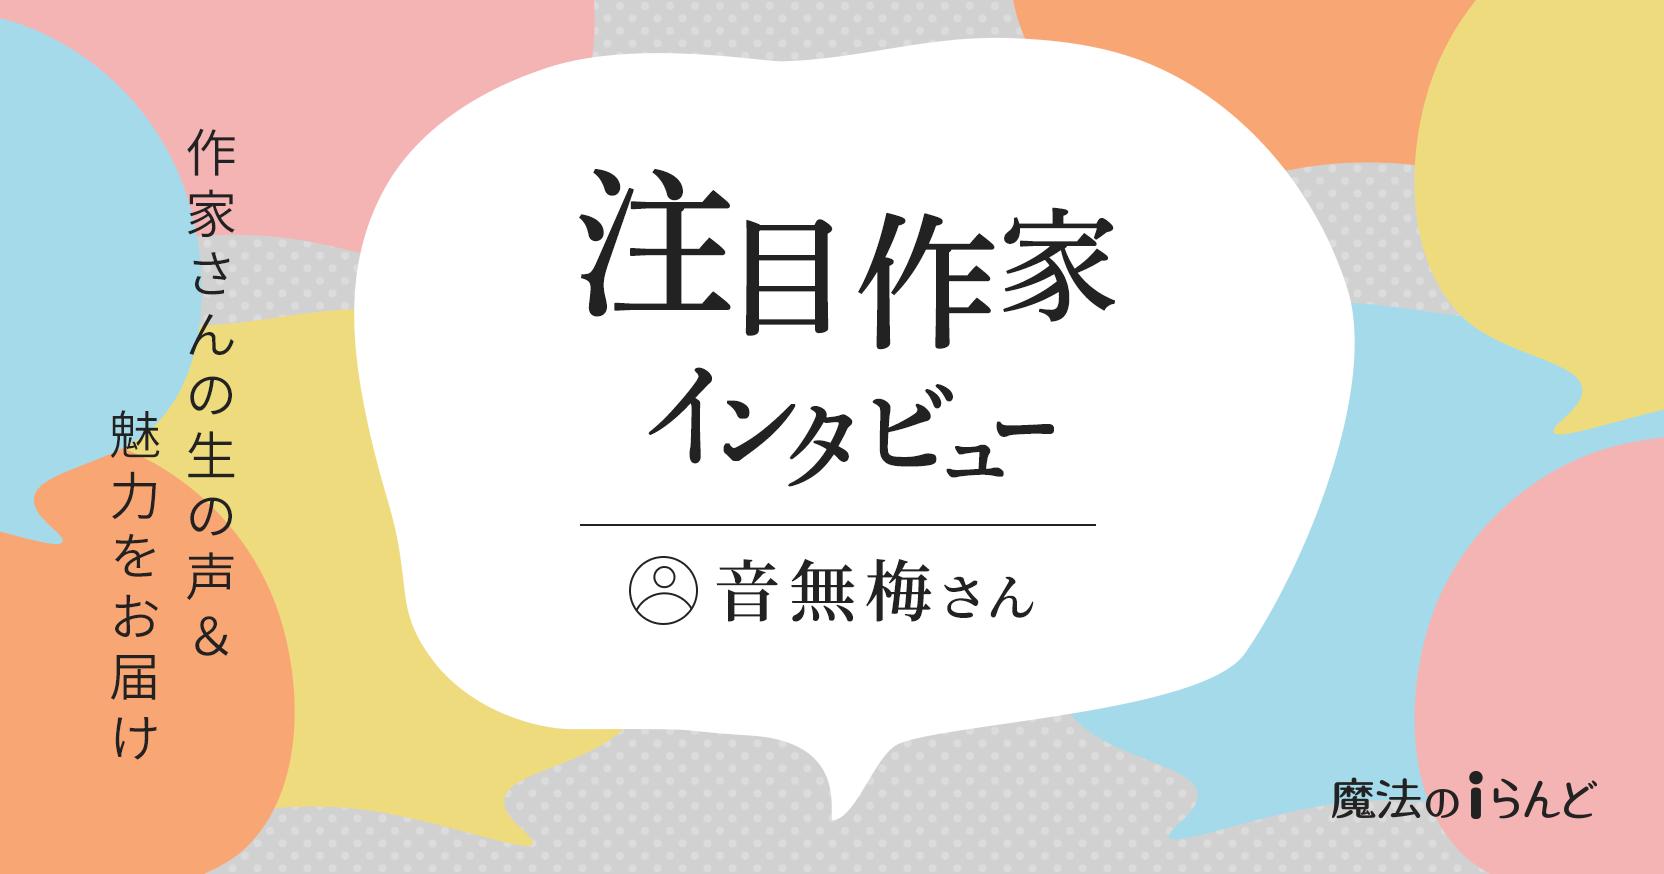 https://storage.googleapis.com/blog-info/entry/2021/05/interview_ogp_ume.png